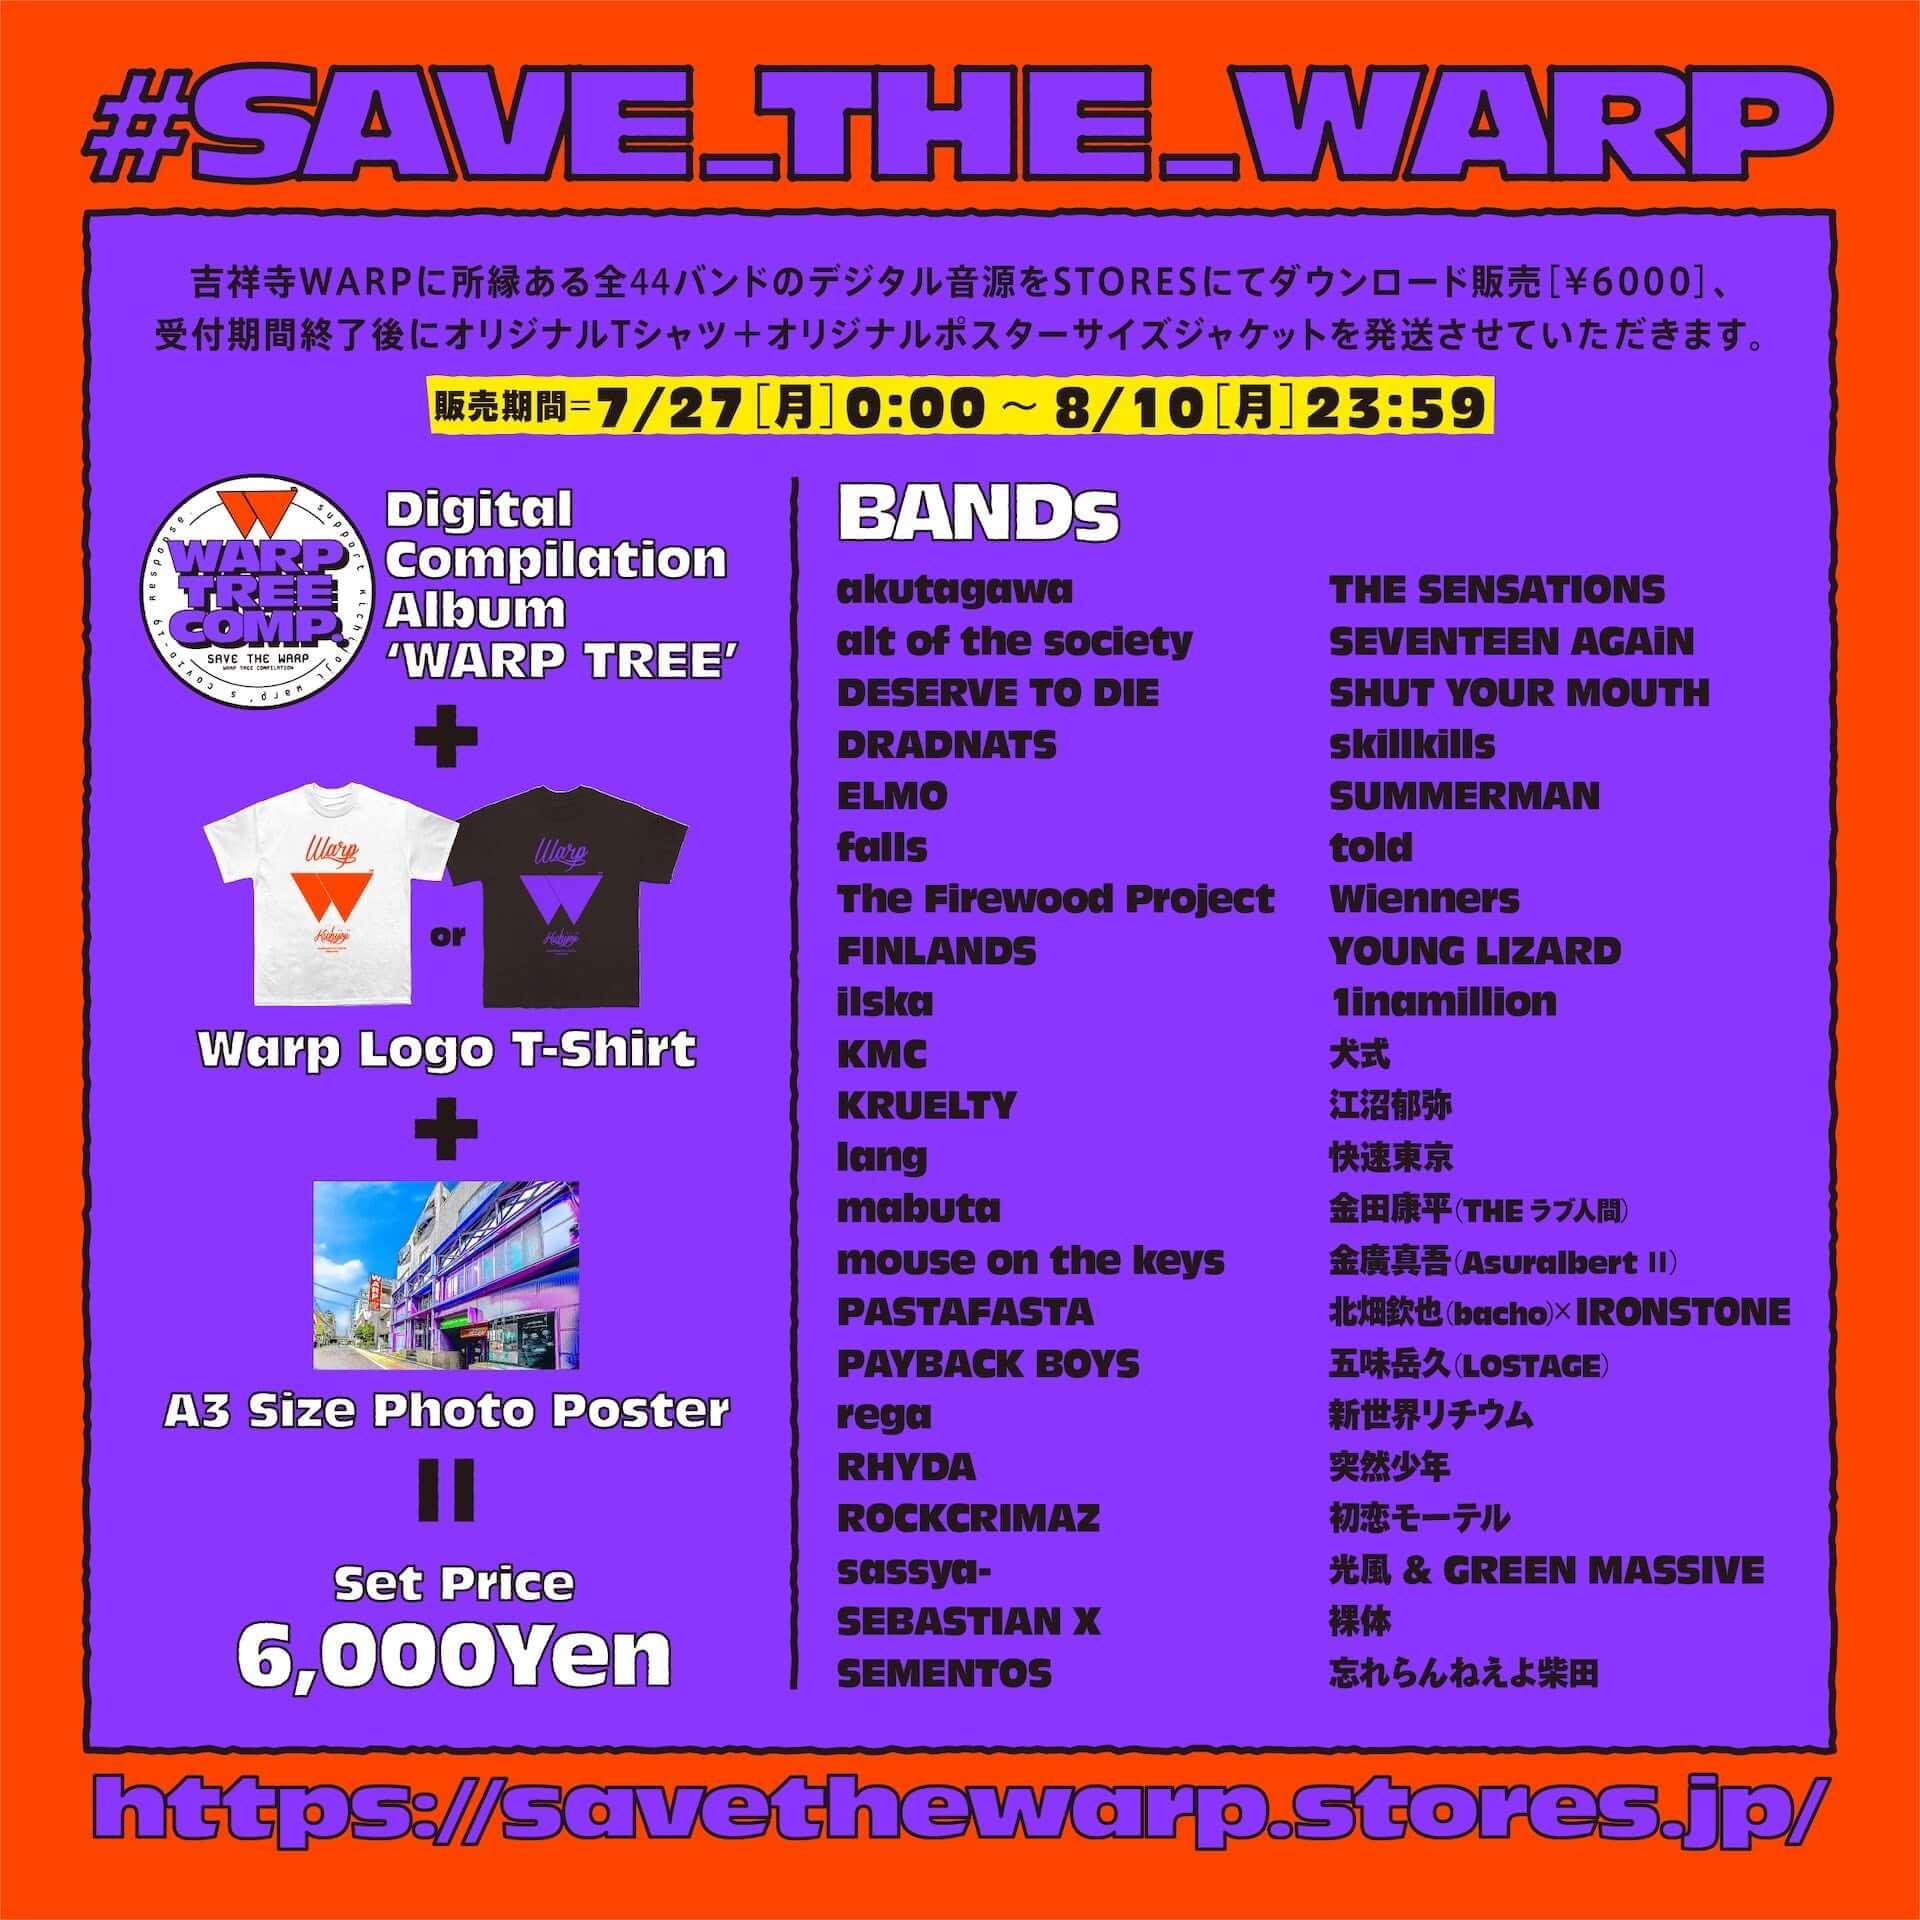 吉祥寺WARP応援プロジェクト「SAVE THE WARP」が始動|Wienners、忘れらんねえよ柴田ら44組参加のコンピが発売決定 music200721_savethewarp_4-1920x1920